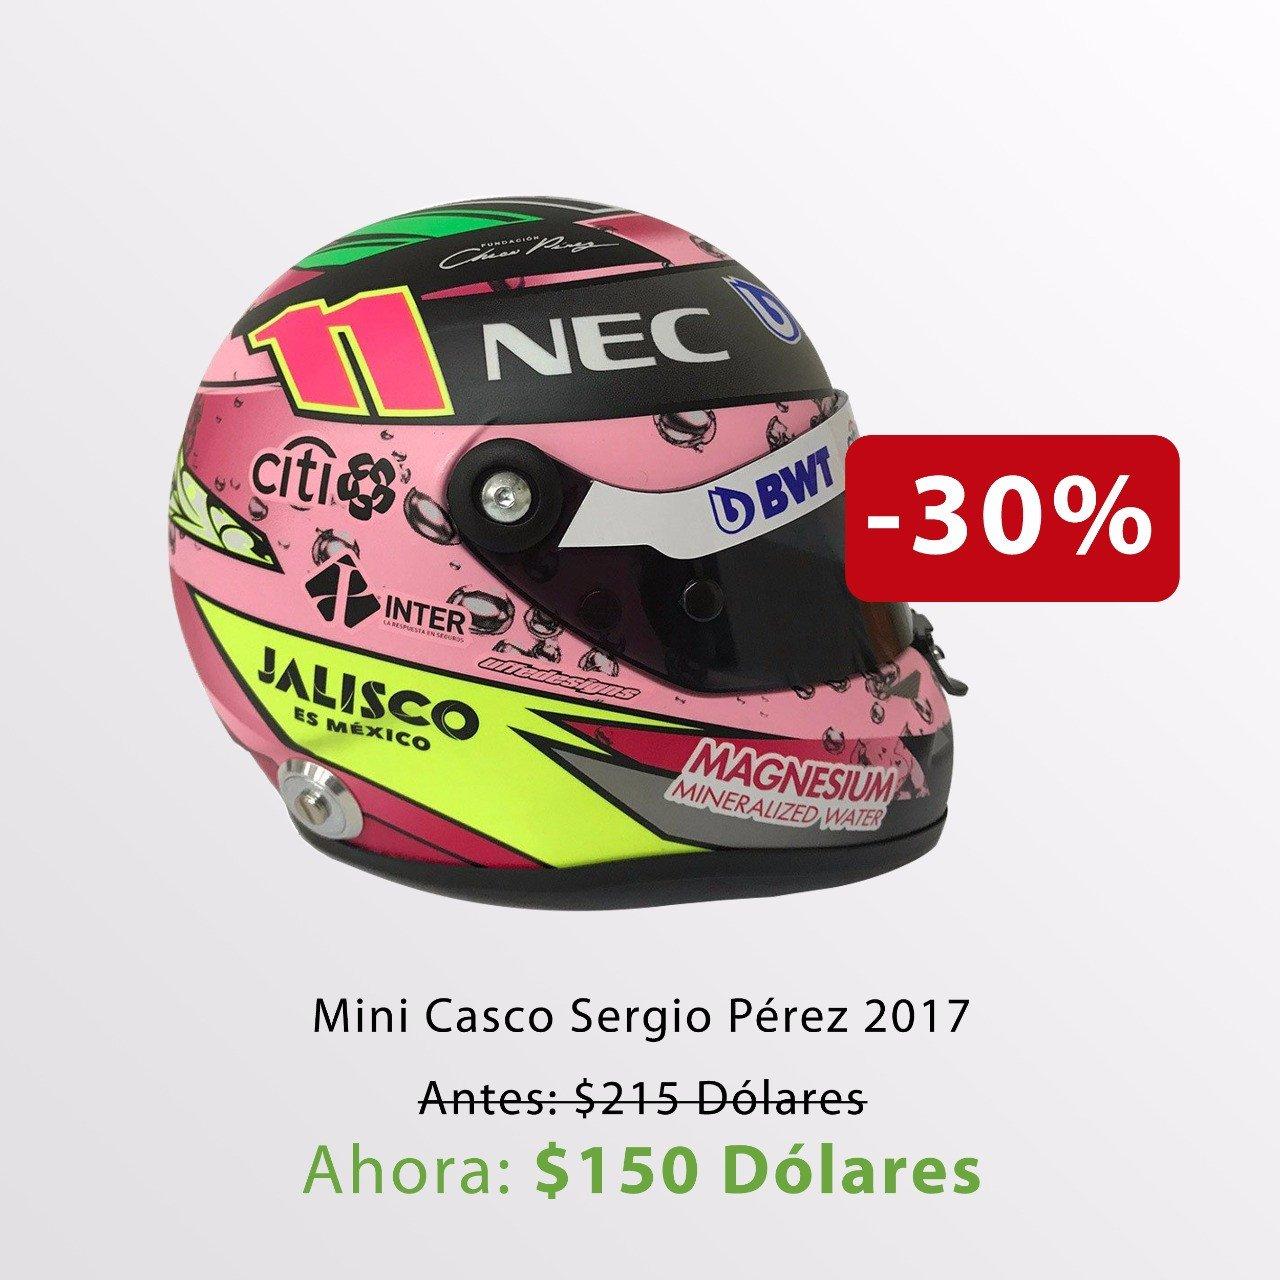 Mini Casco Sergio Perez 2017